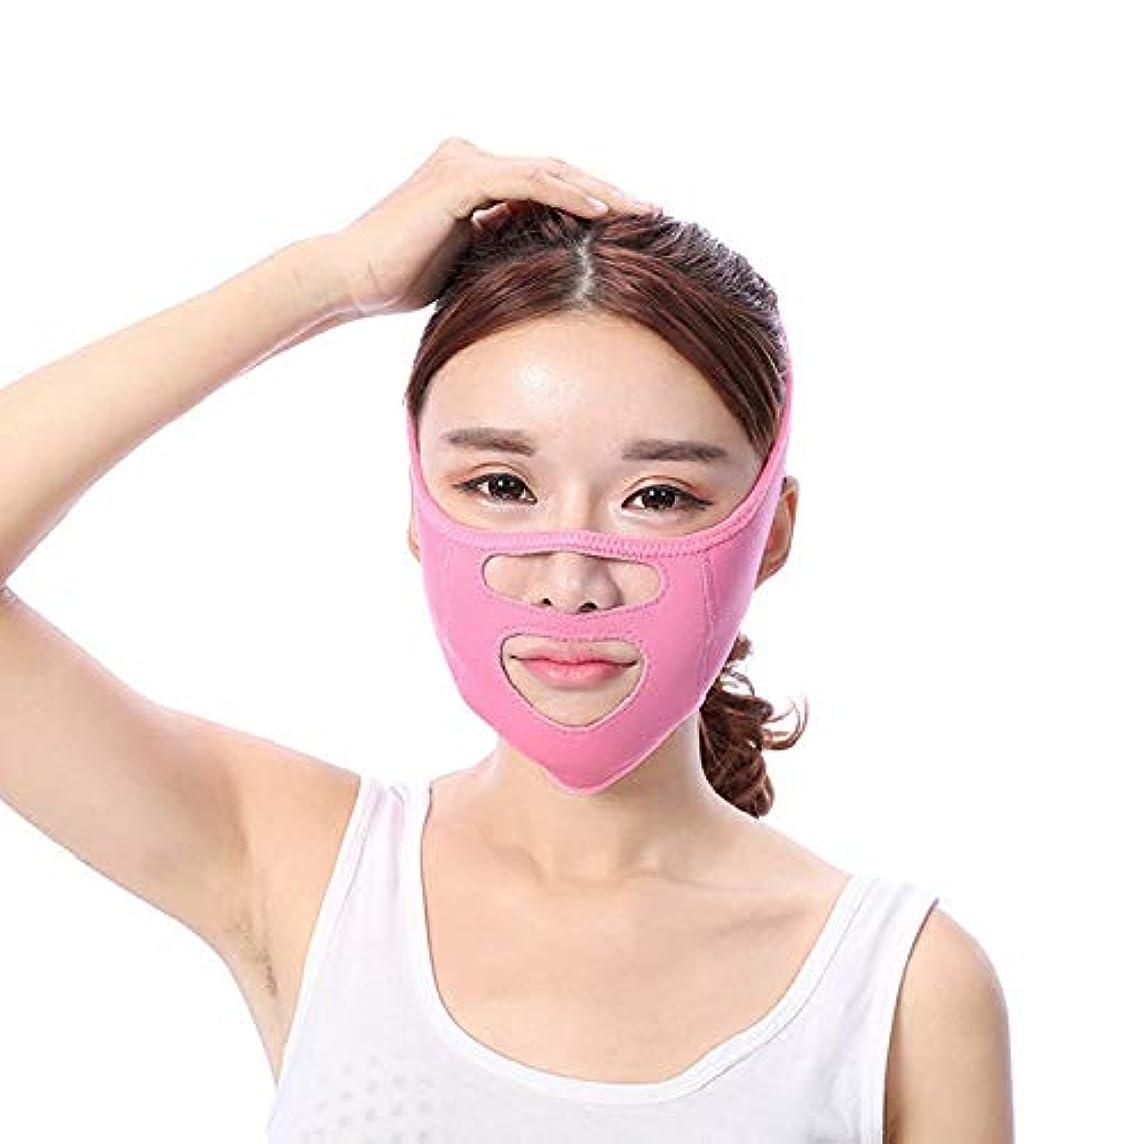 兄弟愛救出味わうMinmin 顔の持ち上がる痩身ベルト - あなたの顔のための素晴らしいトレーニング二重あごのワークアウトフェイスマスクベルト薄い顔包帯整形マスクは顔と首を締めますフェイススリム みんみんVラインフェイスマスク